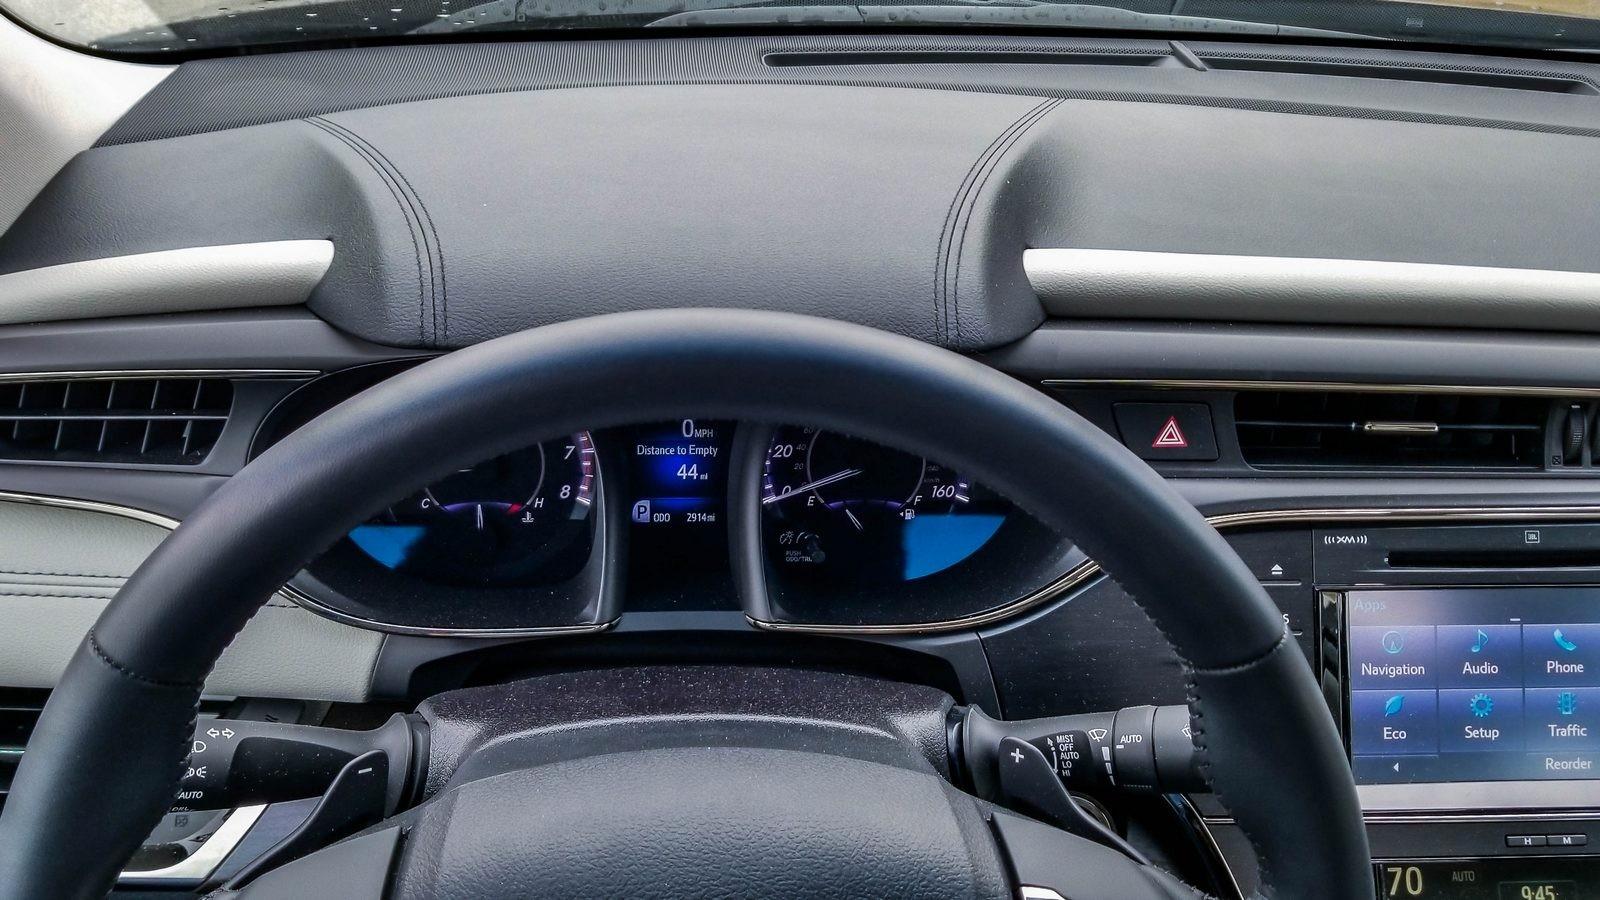 Toyota Avalon интерьер панель приборов